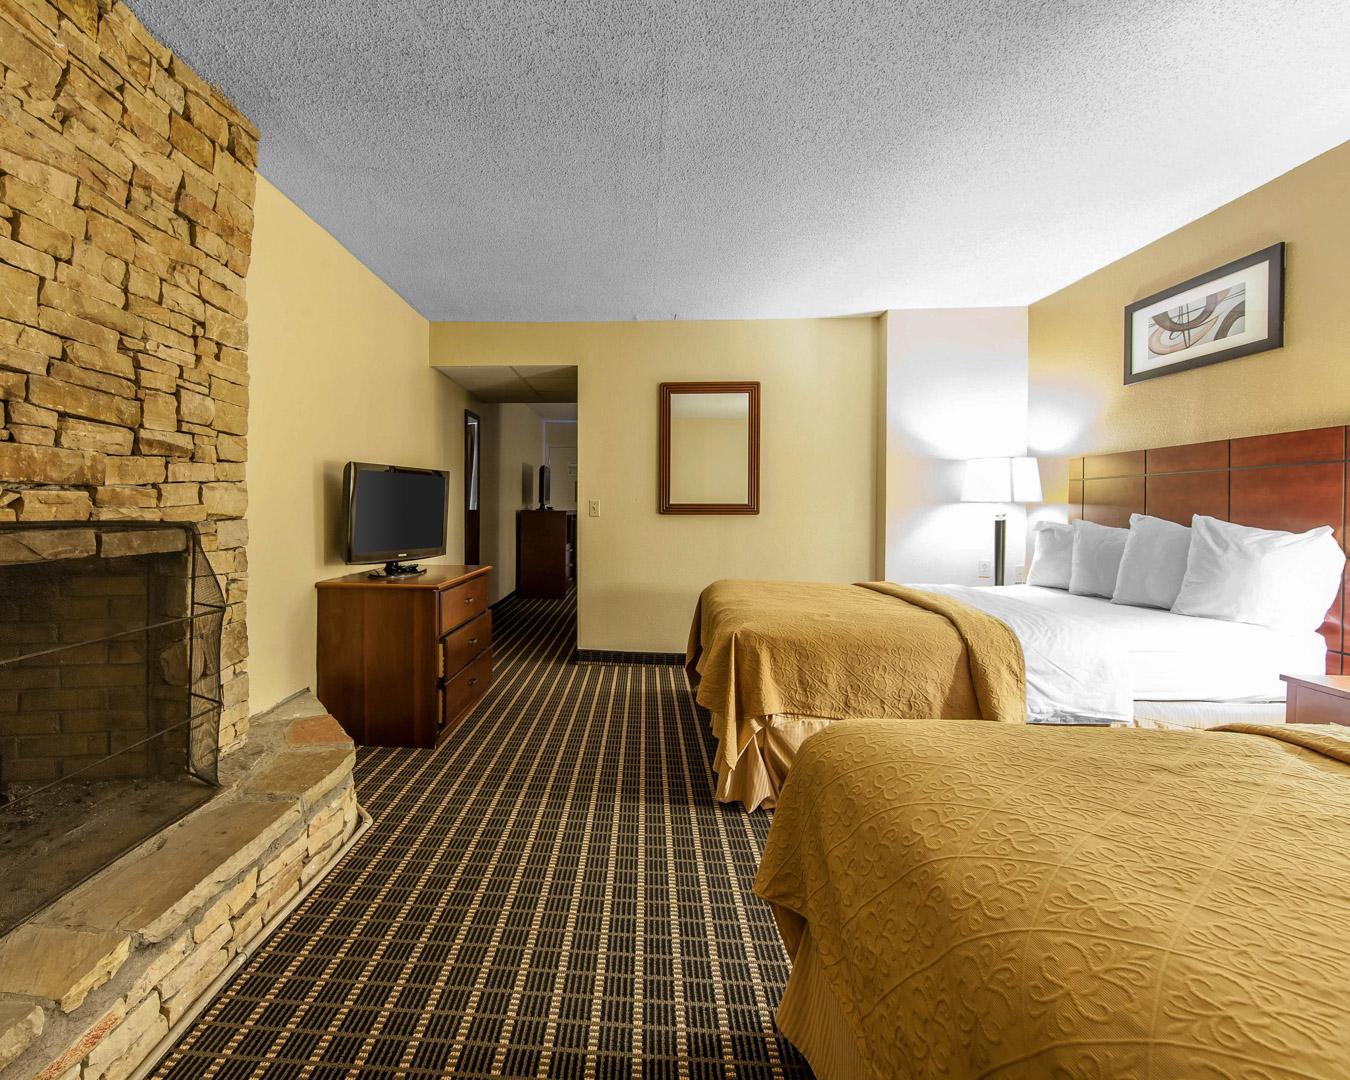 Quality Inn & Suites River Suites image 8